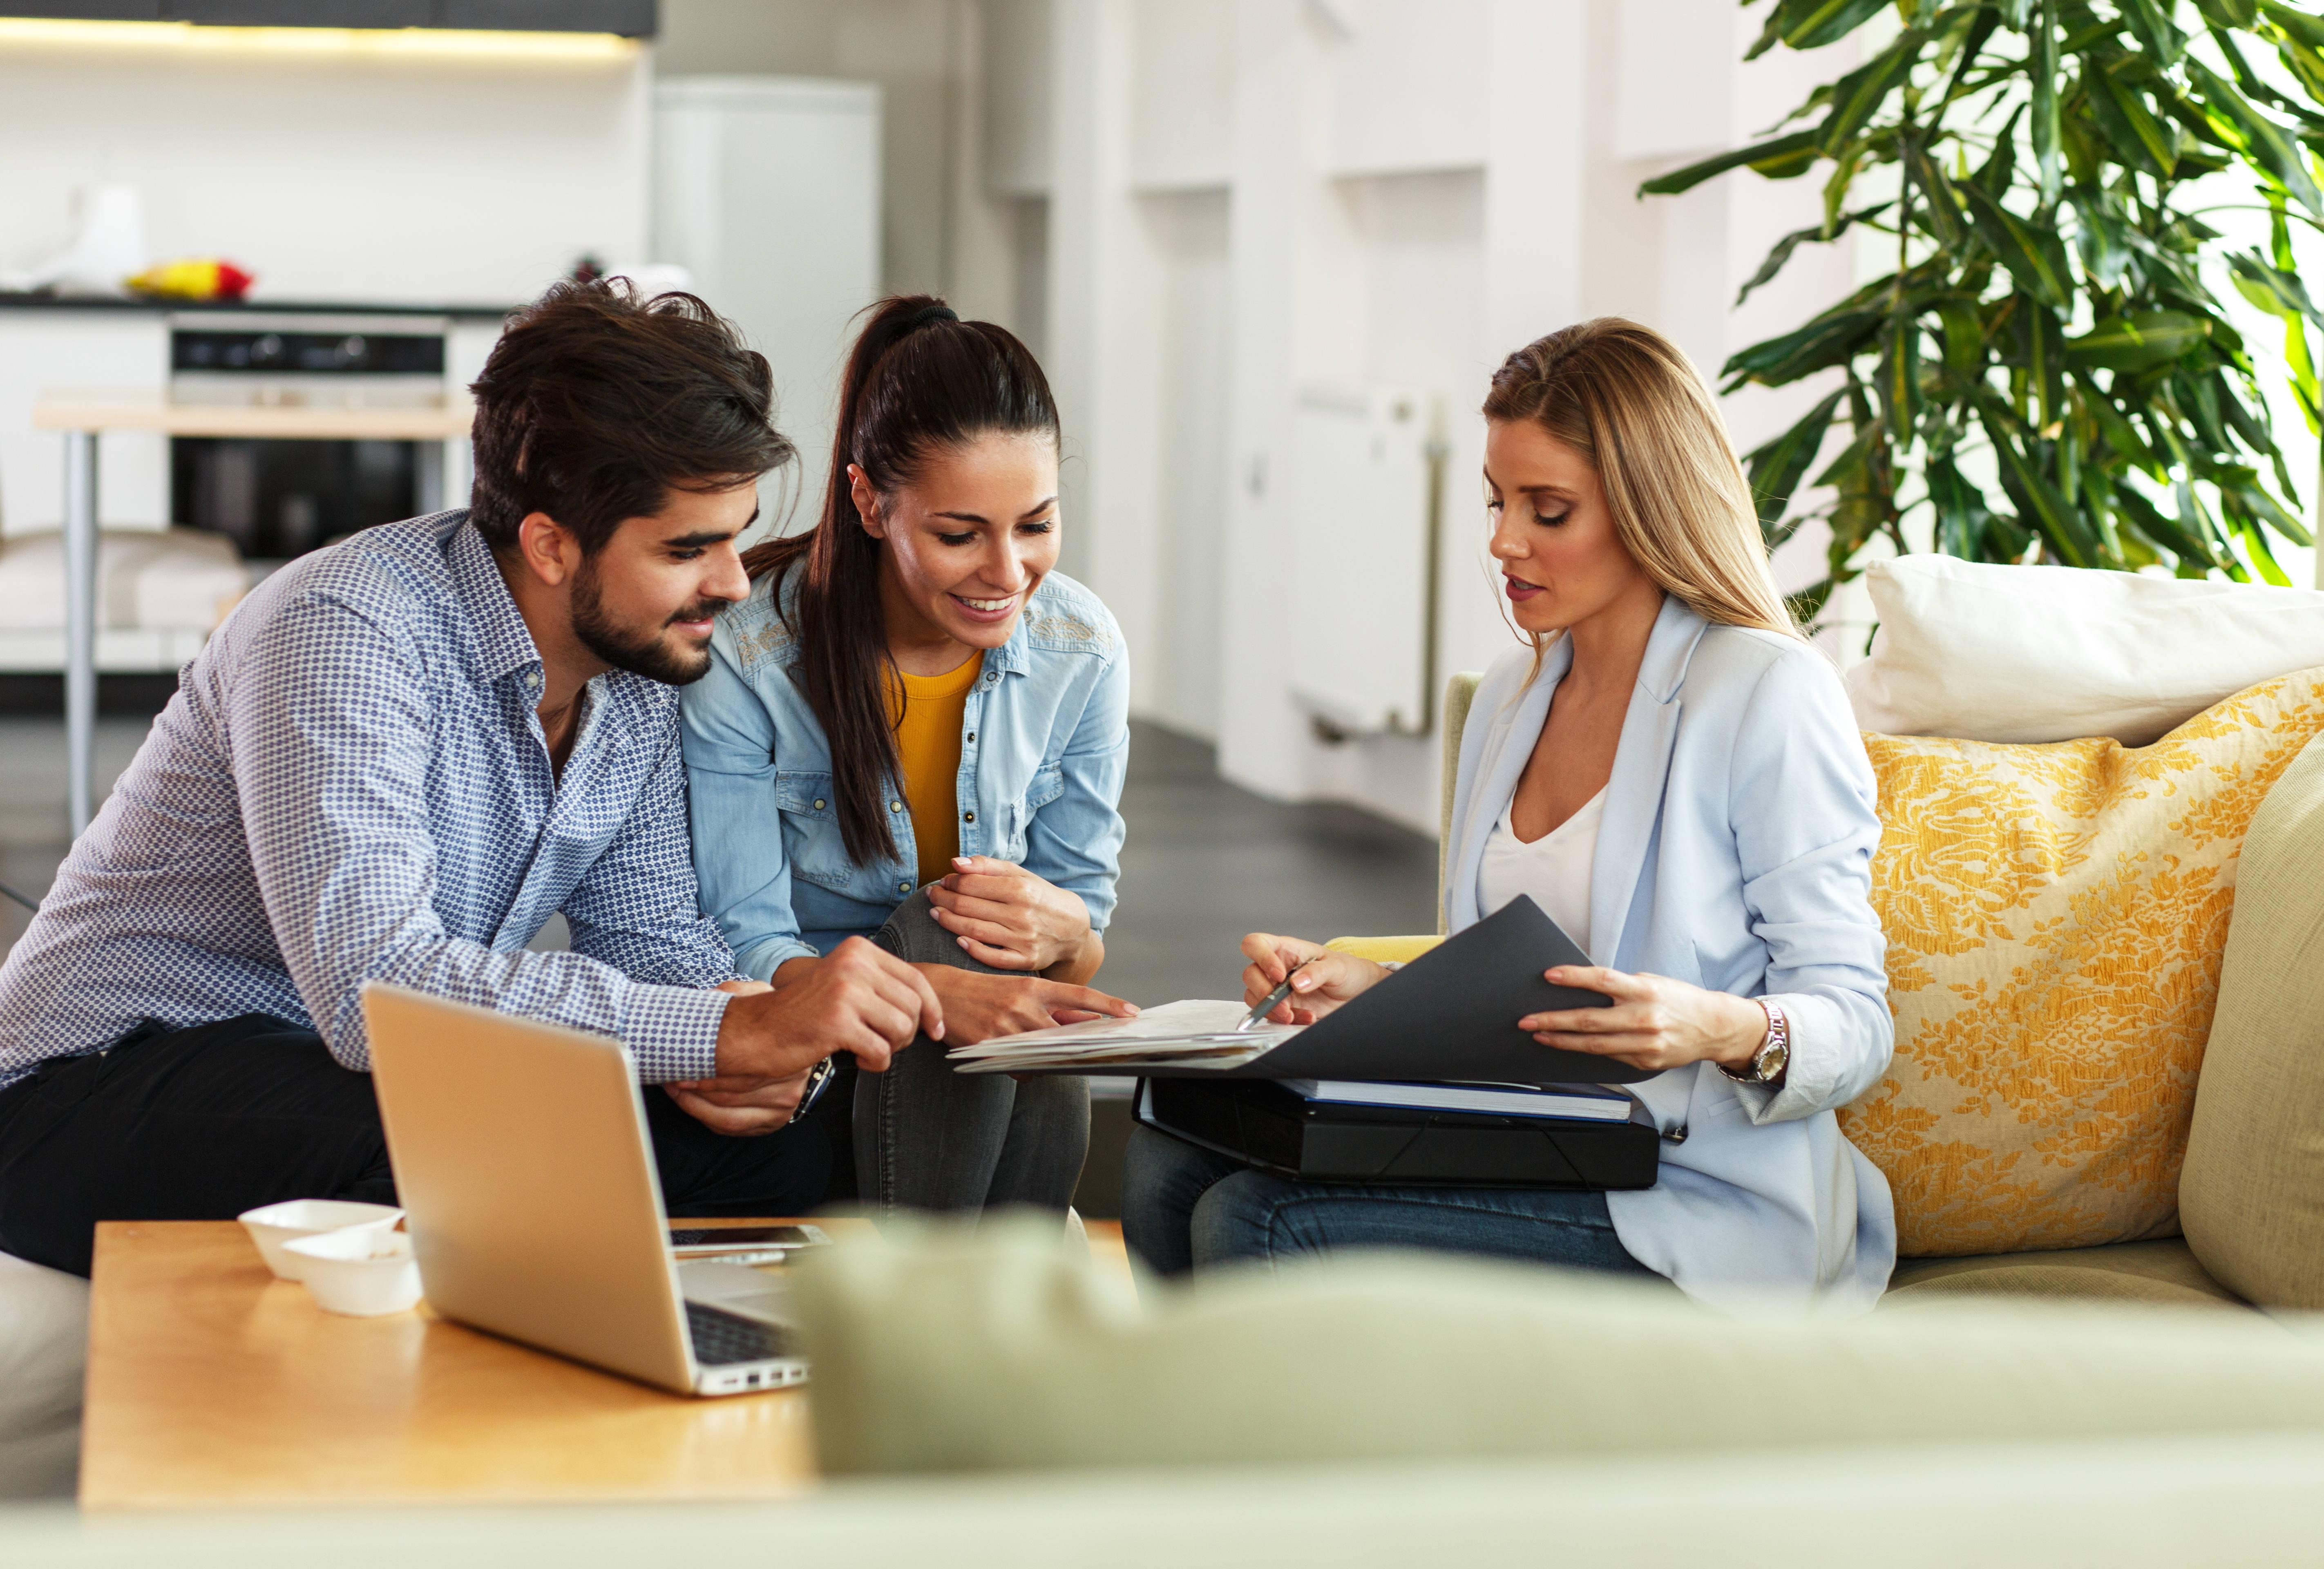 Cómo puede beneficiarme contar con un buen Asesoramiento Inmobiliario